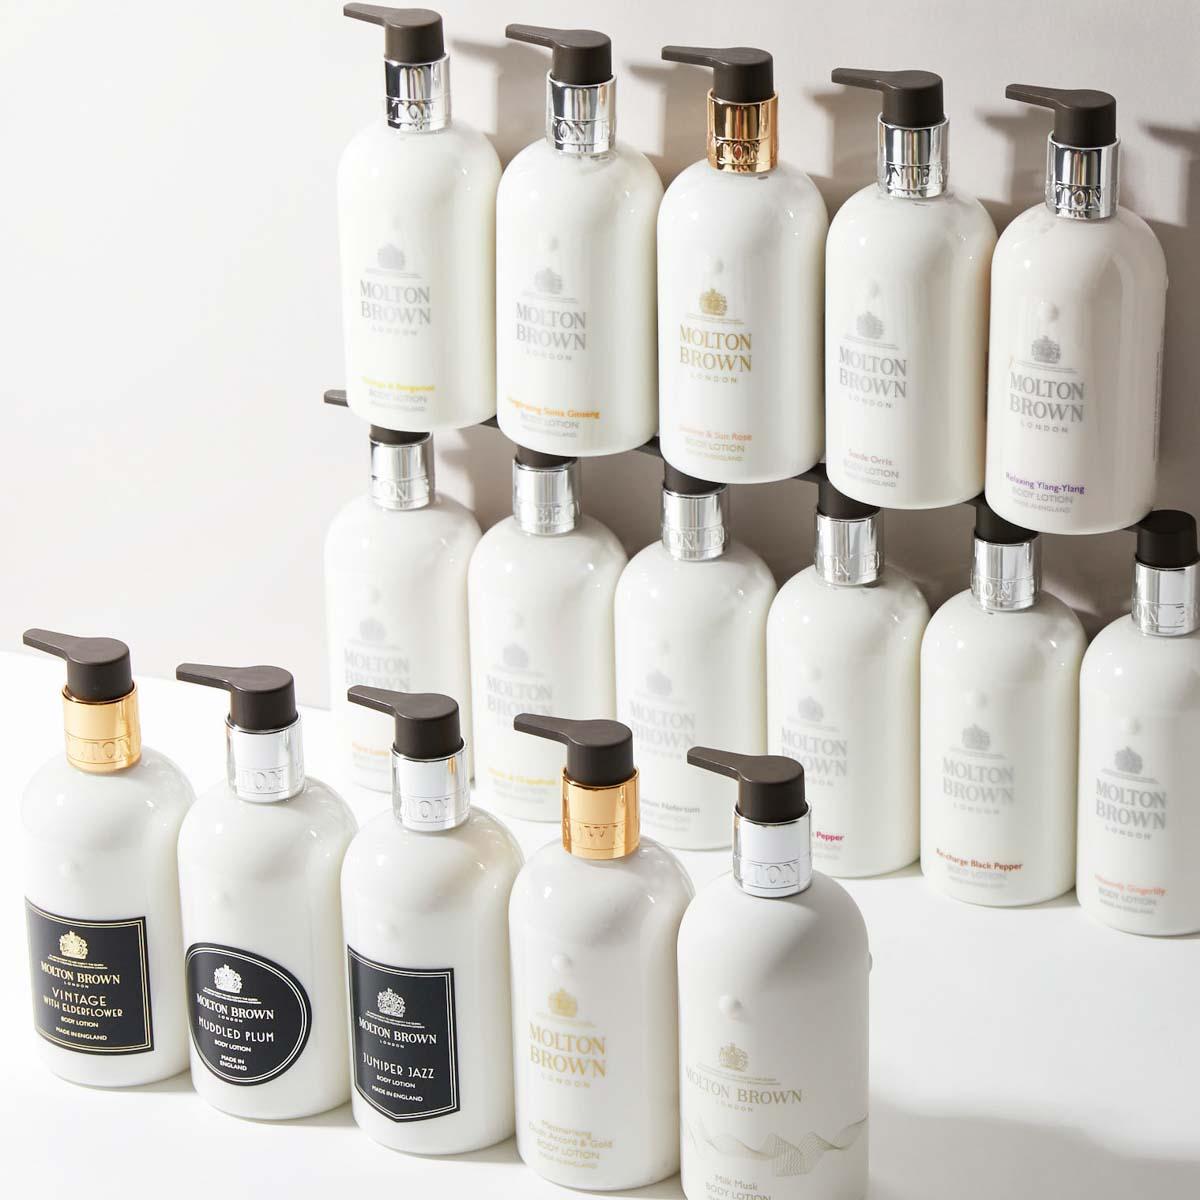 知的で品のあるセンシュアルな香り。モルトンブラウン『スエード オリス ボディローション』をご紹介に関する画像12